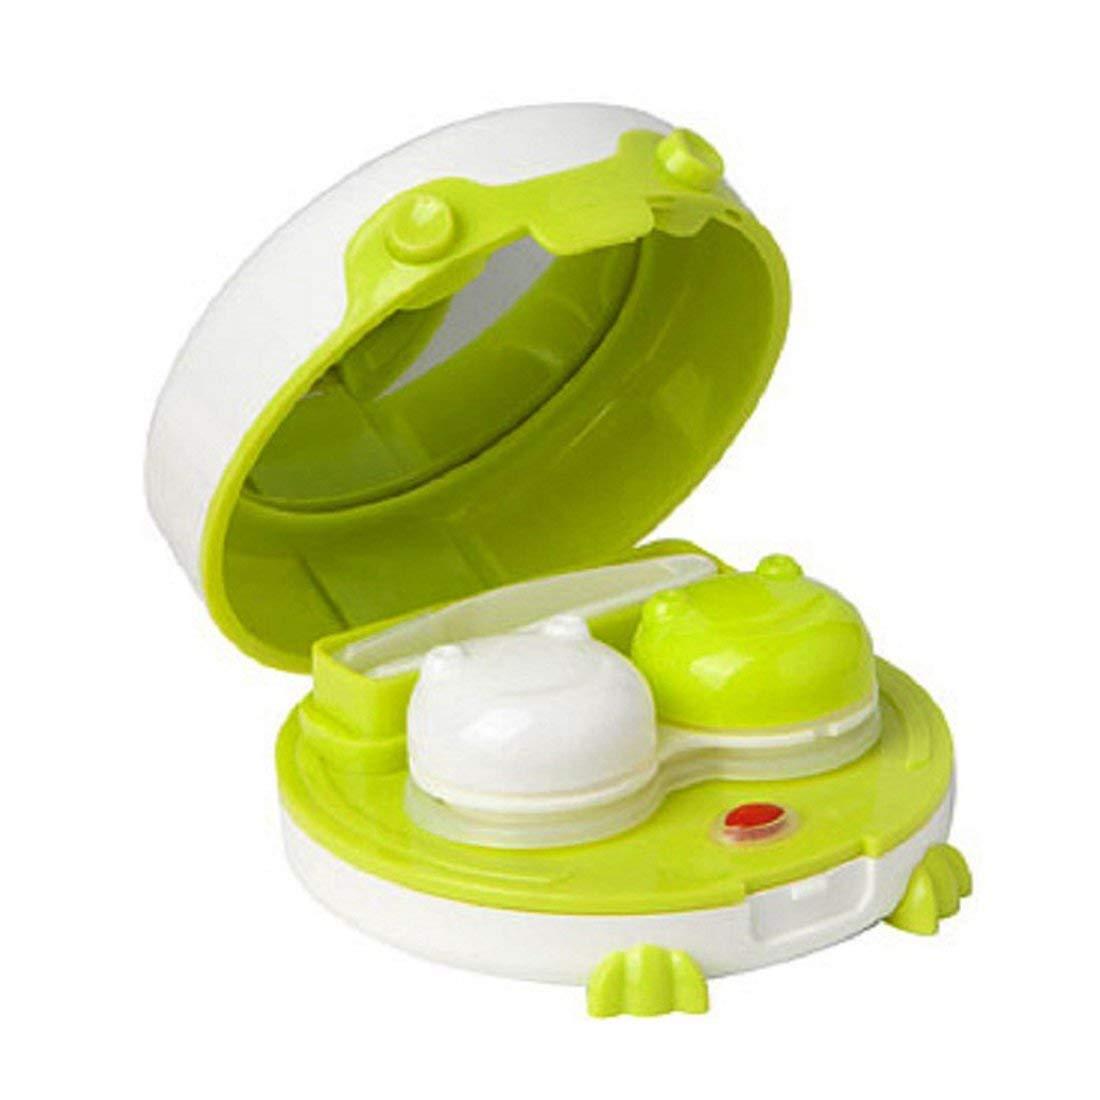 ... dispositivo de limpieza Encendido / apagado alimentado por botón Botón Limpiador de limpiaparabrisas Contenedor de la lavadora - Verde: Amazon.es: Hogar